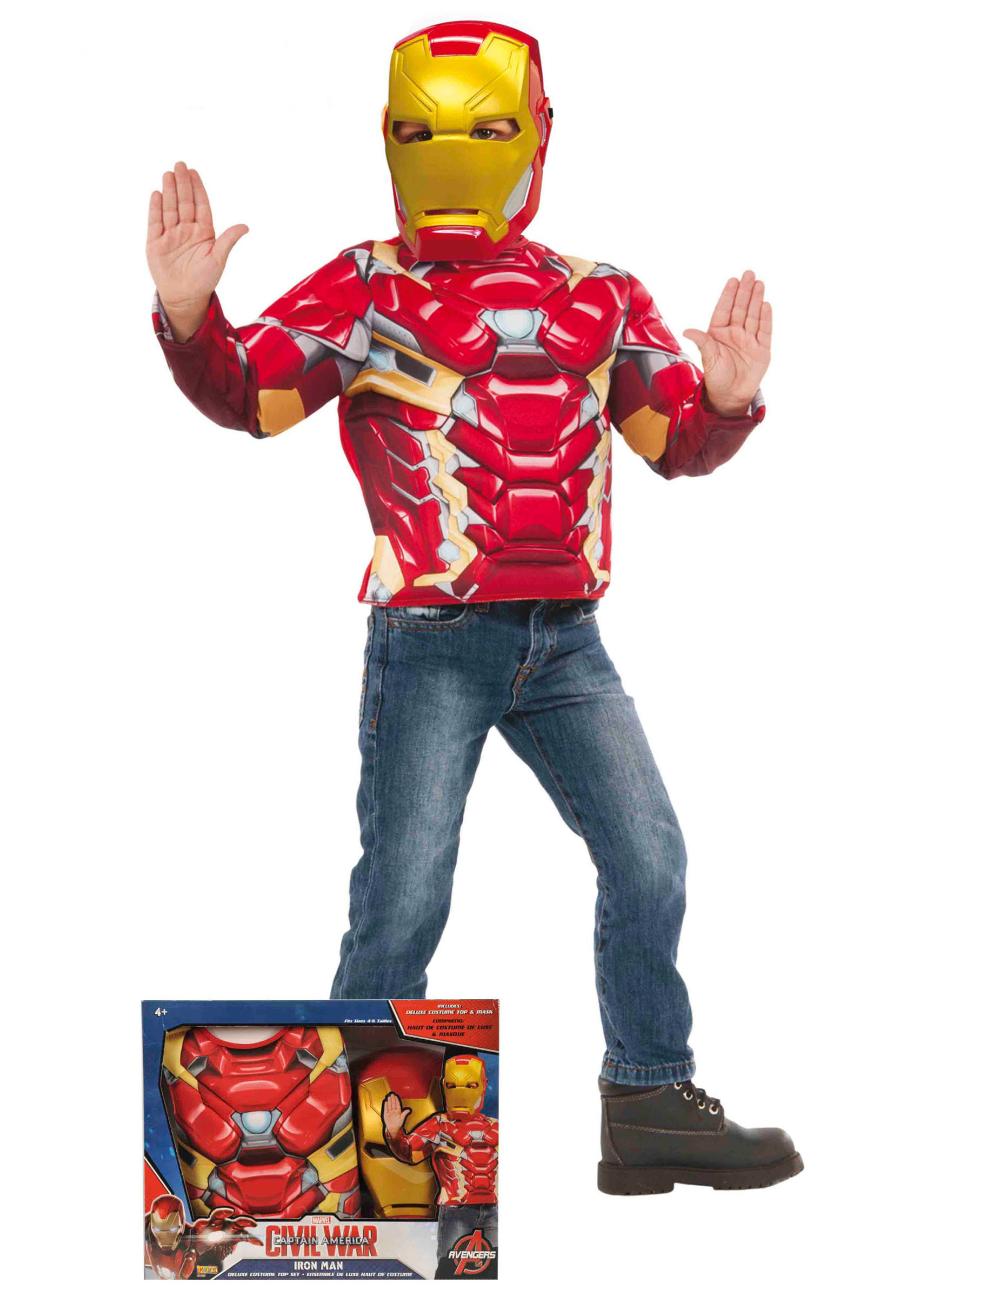 Iron Man Kostum Set Lizentartikel Fur Kinder Rot Gelb Dieses Iron Man Kostum Set Besteht Aus Einem Oberteil Und Einer M Masken Kinder Kinder Kostum Iron Man